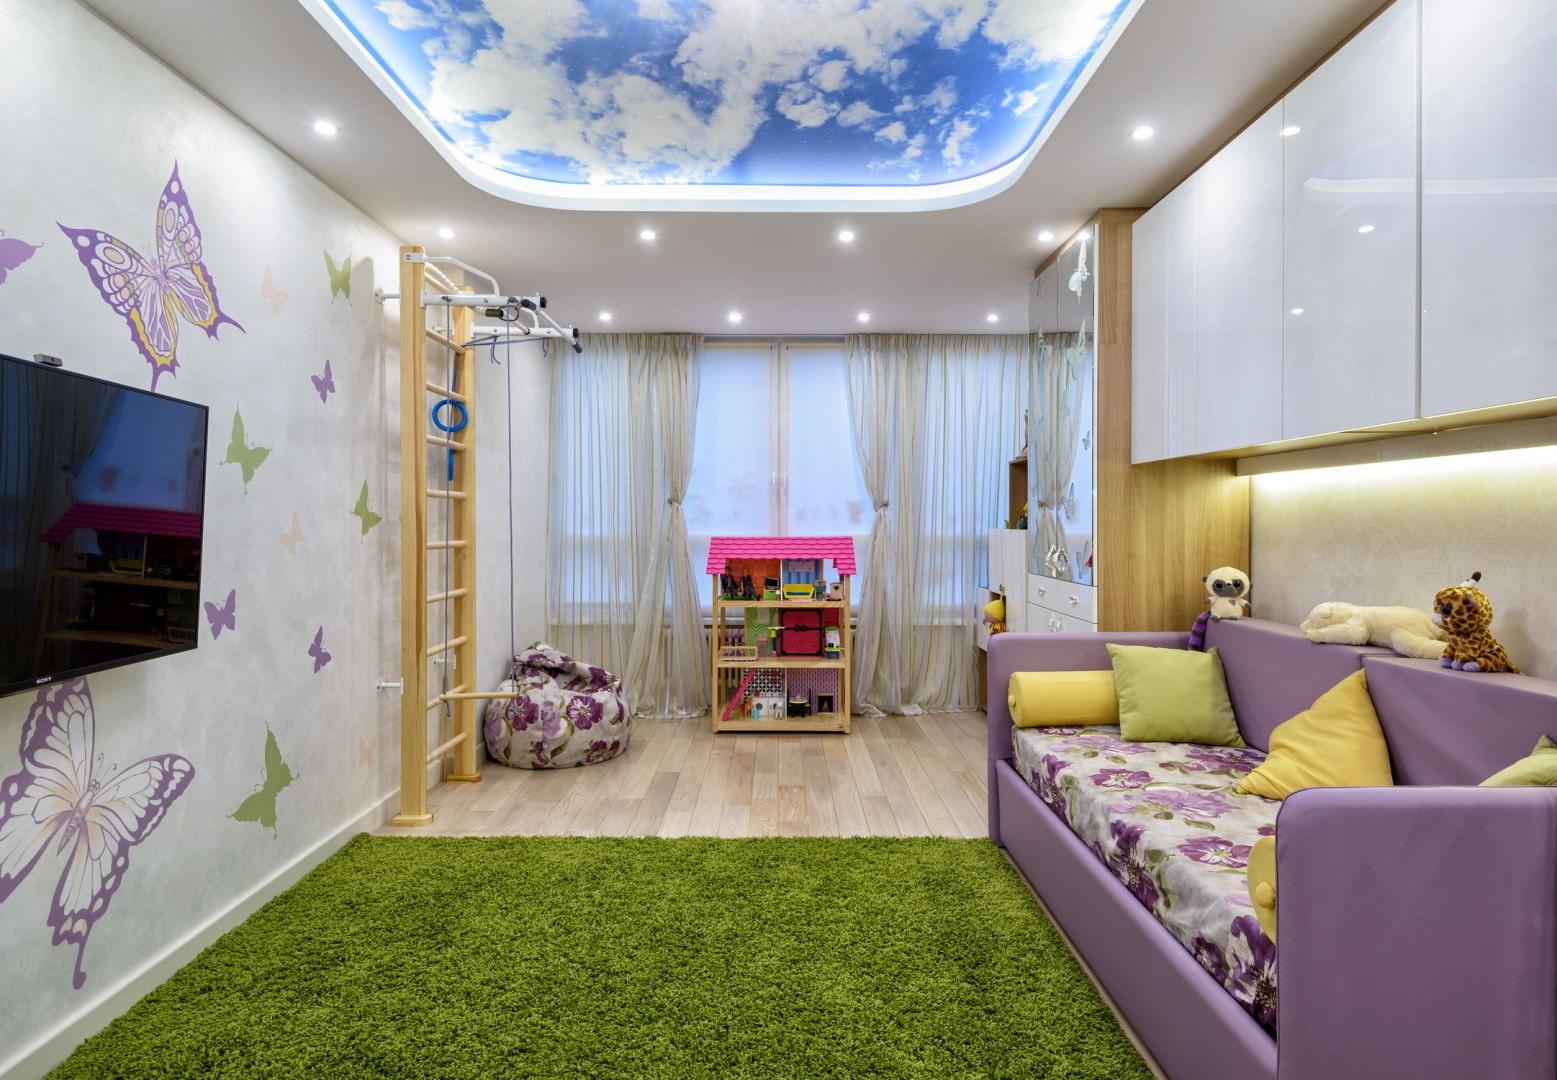 Ремонт детской комнаты 26 м?, 4 фото уют мастер.